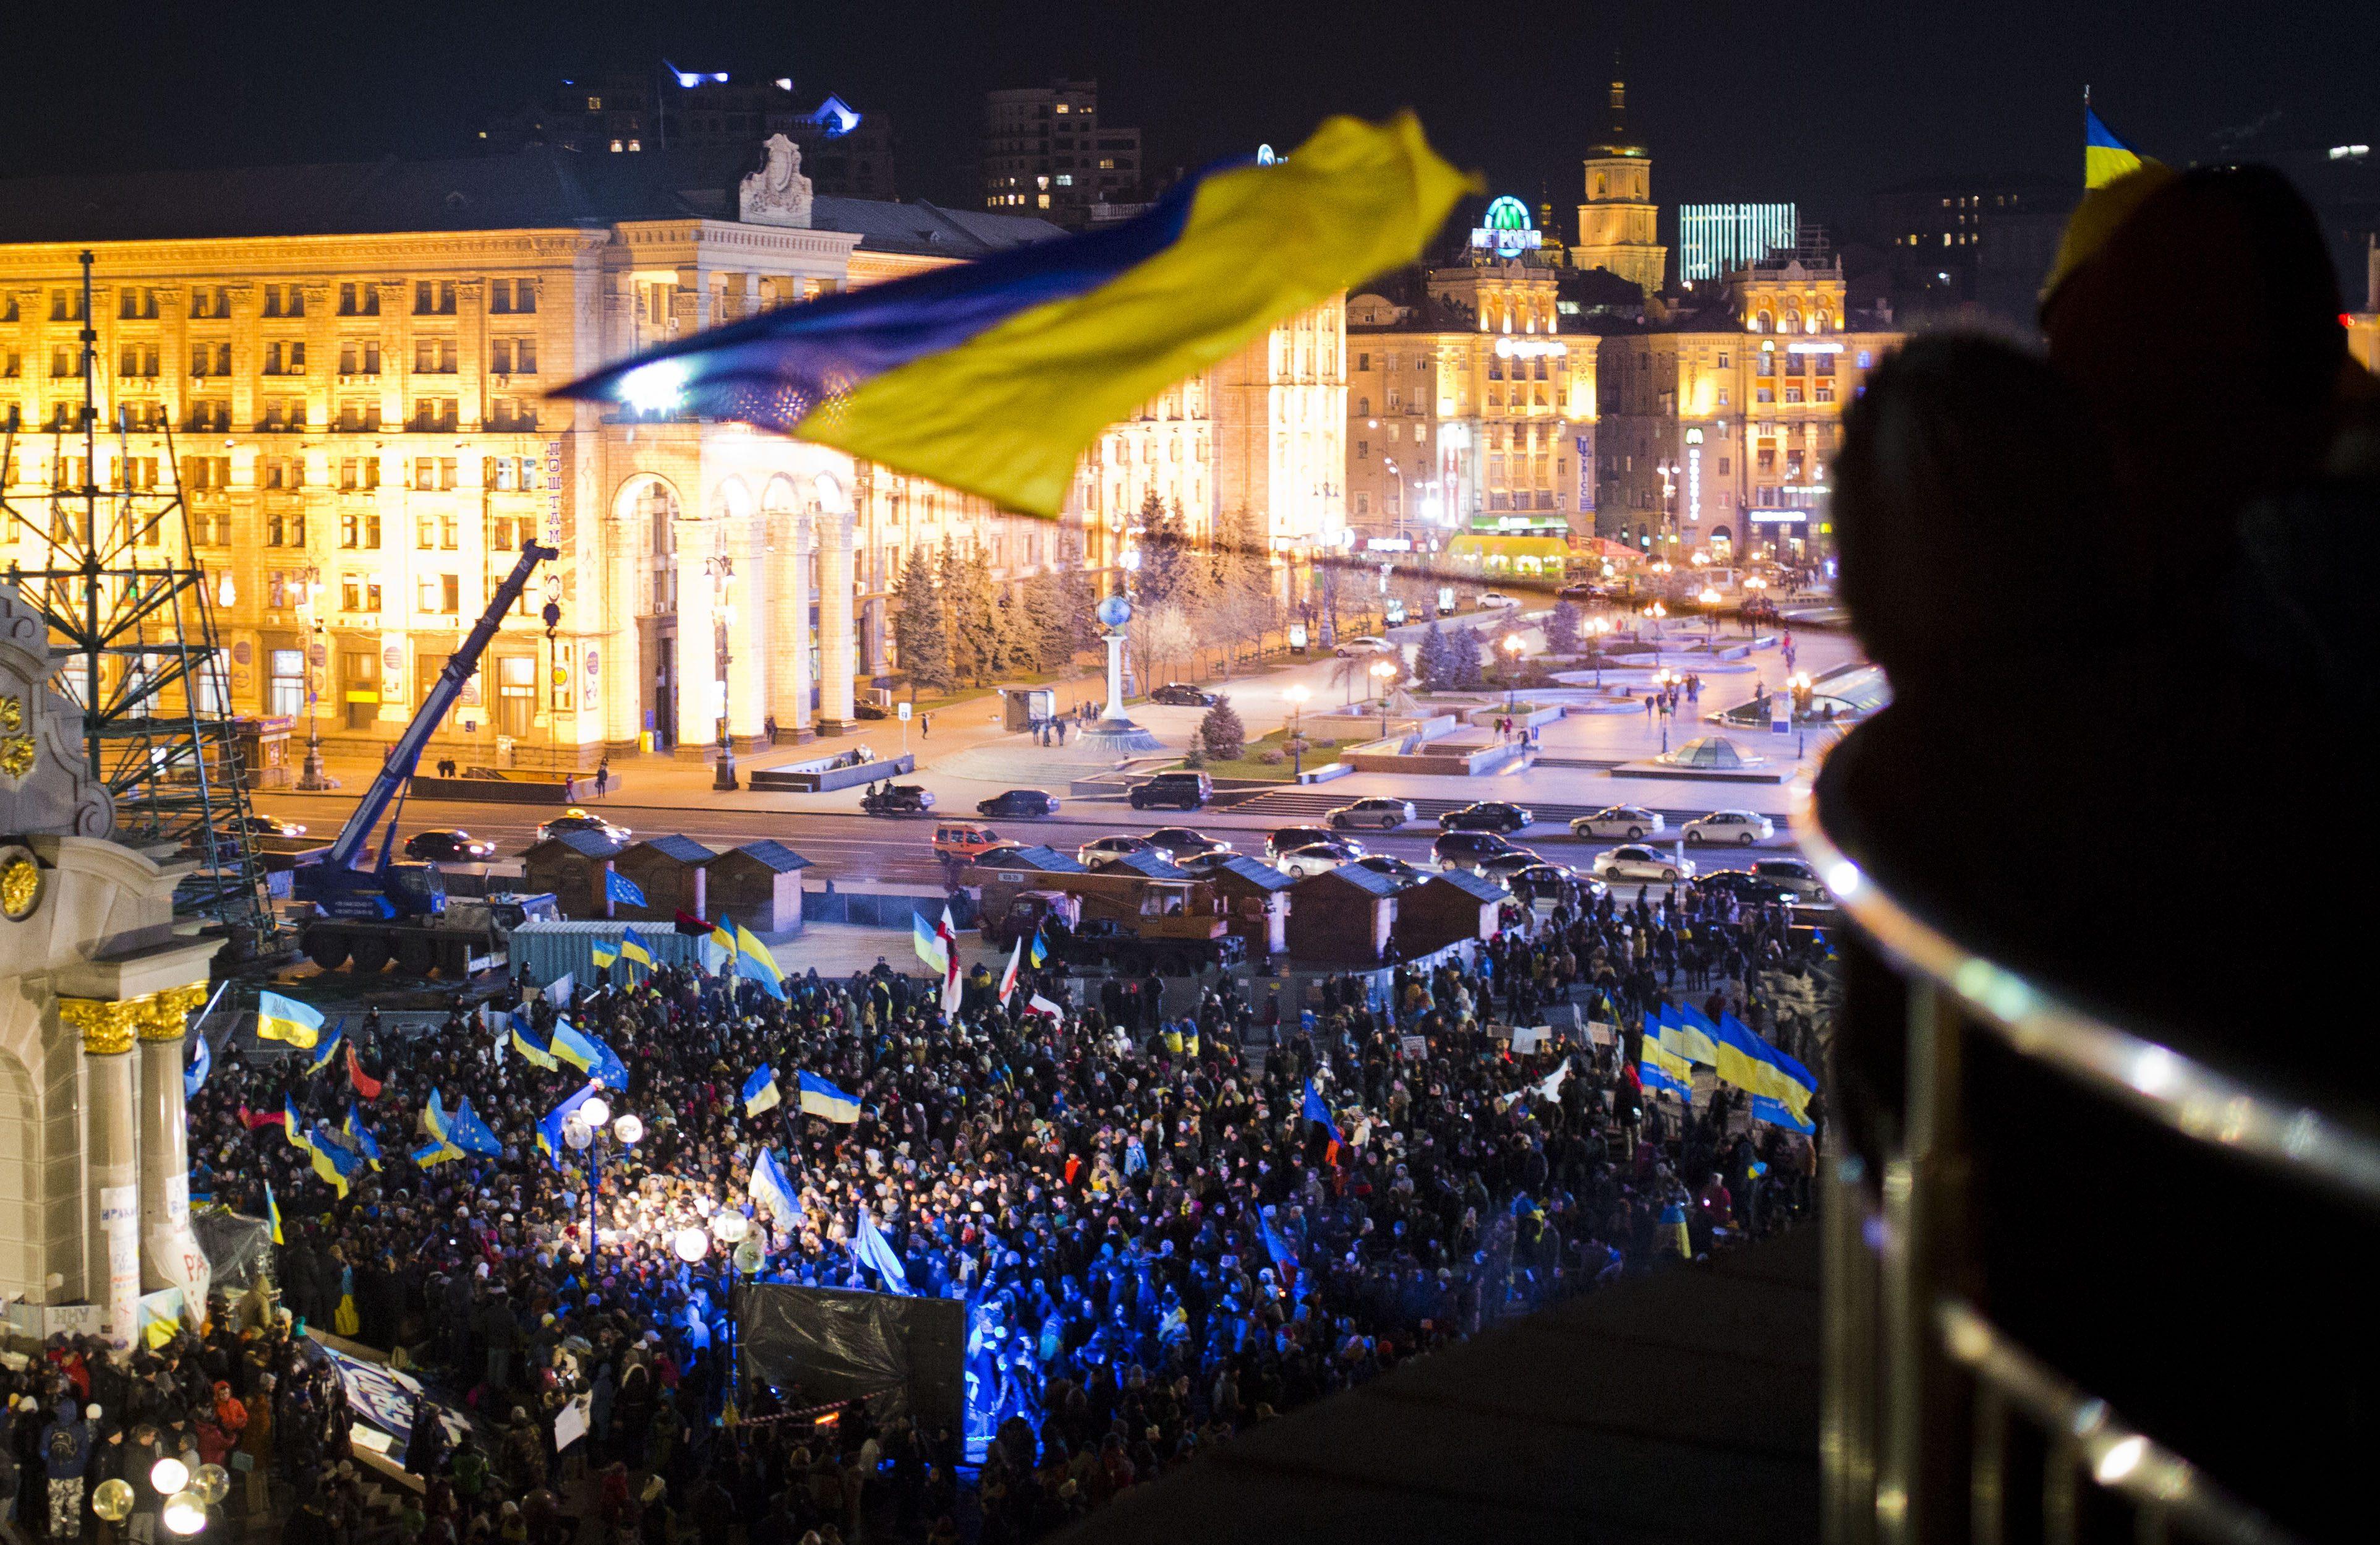 Вцентре украинской столицы установлены рамки сметаллоискателями